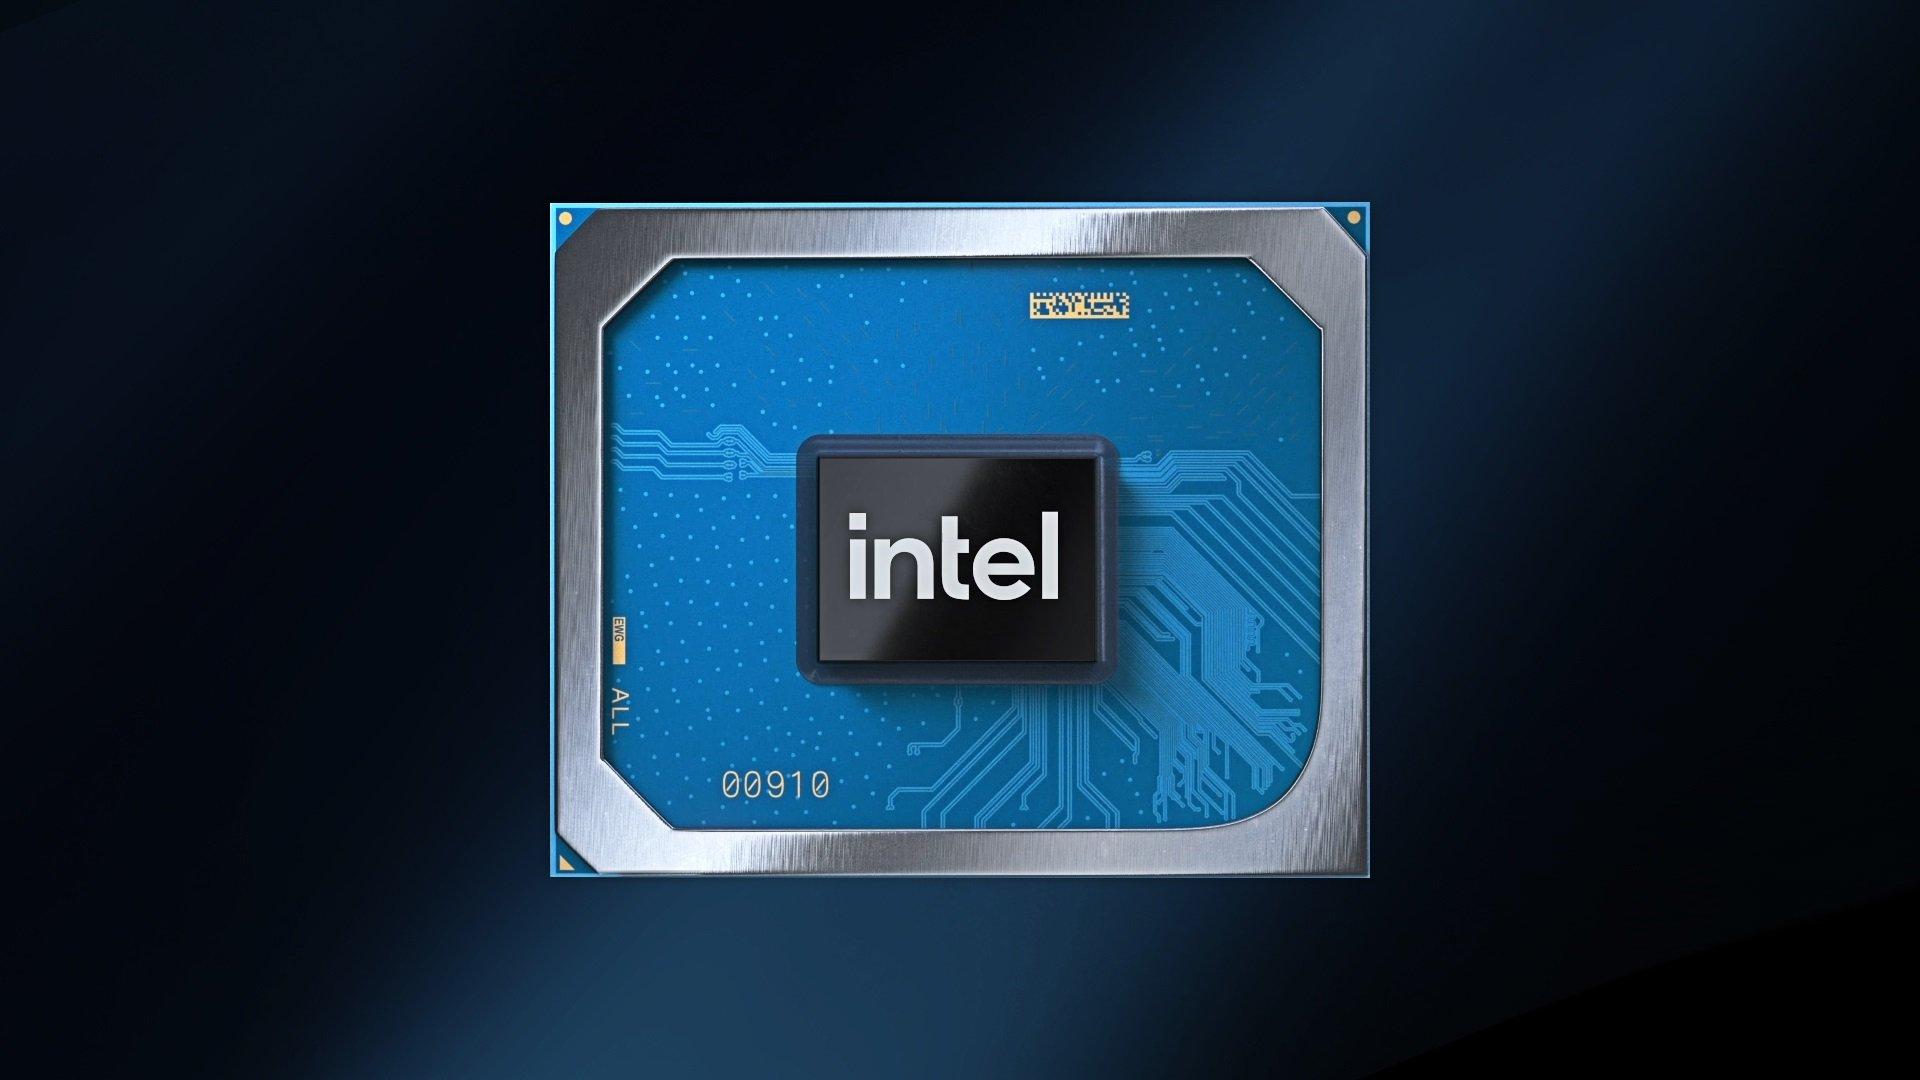 اینتل برای ساخت پردازندههای ۳ نانومتری با TSMC همکاری میکند